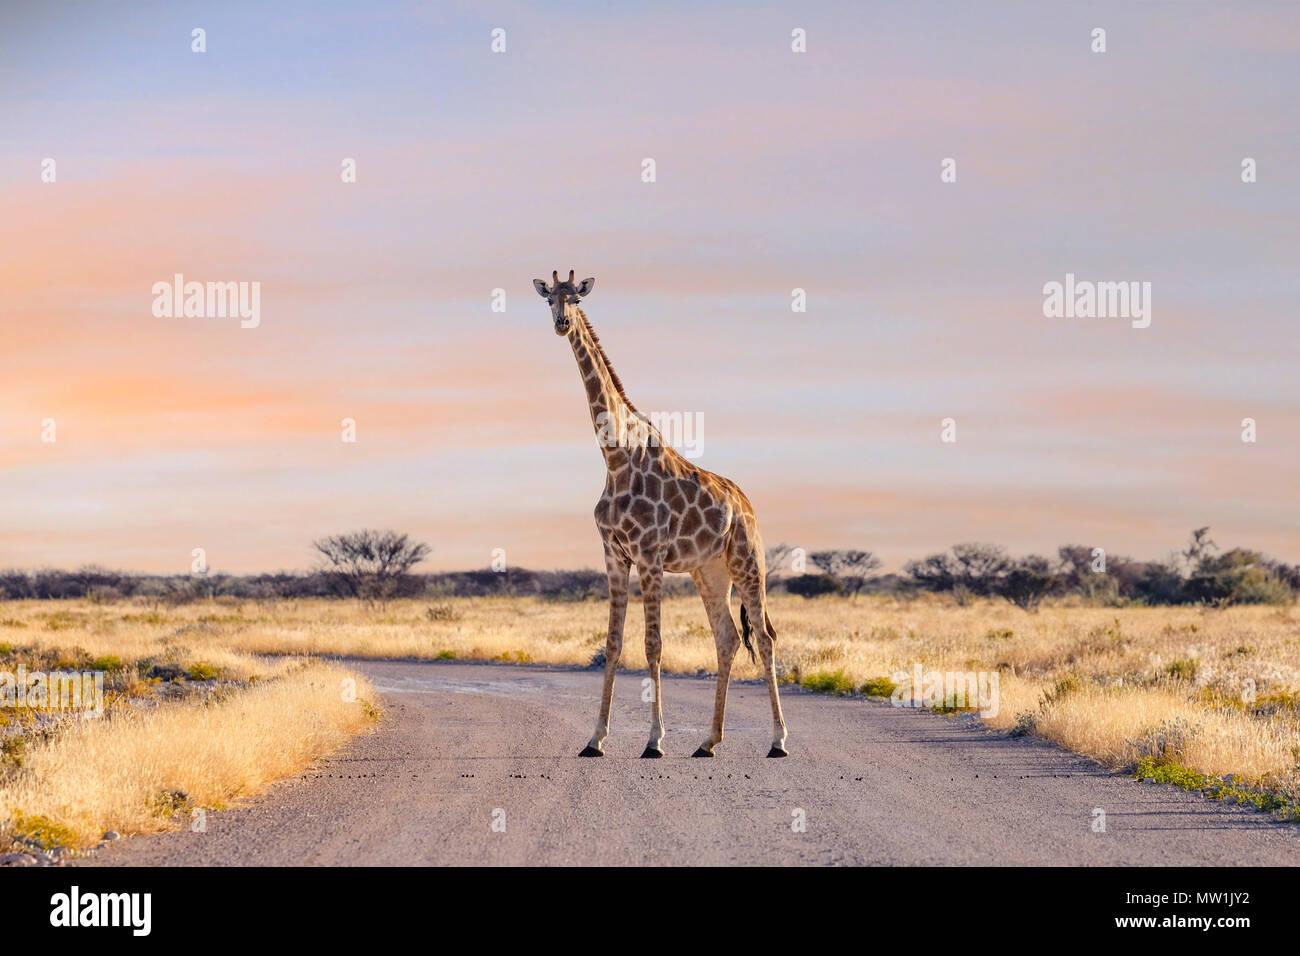 Etosha National Park, Namibia, Africa - Stock Image